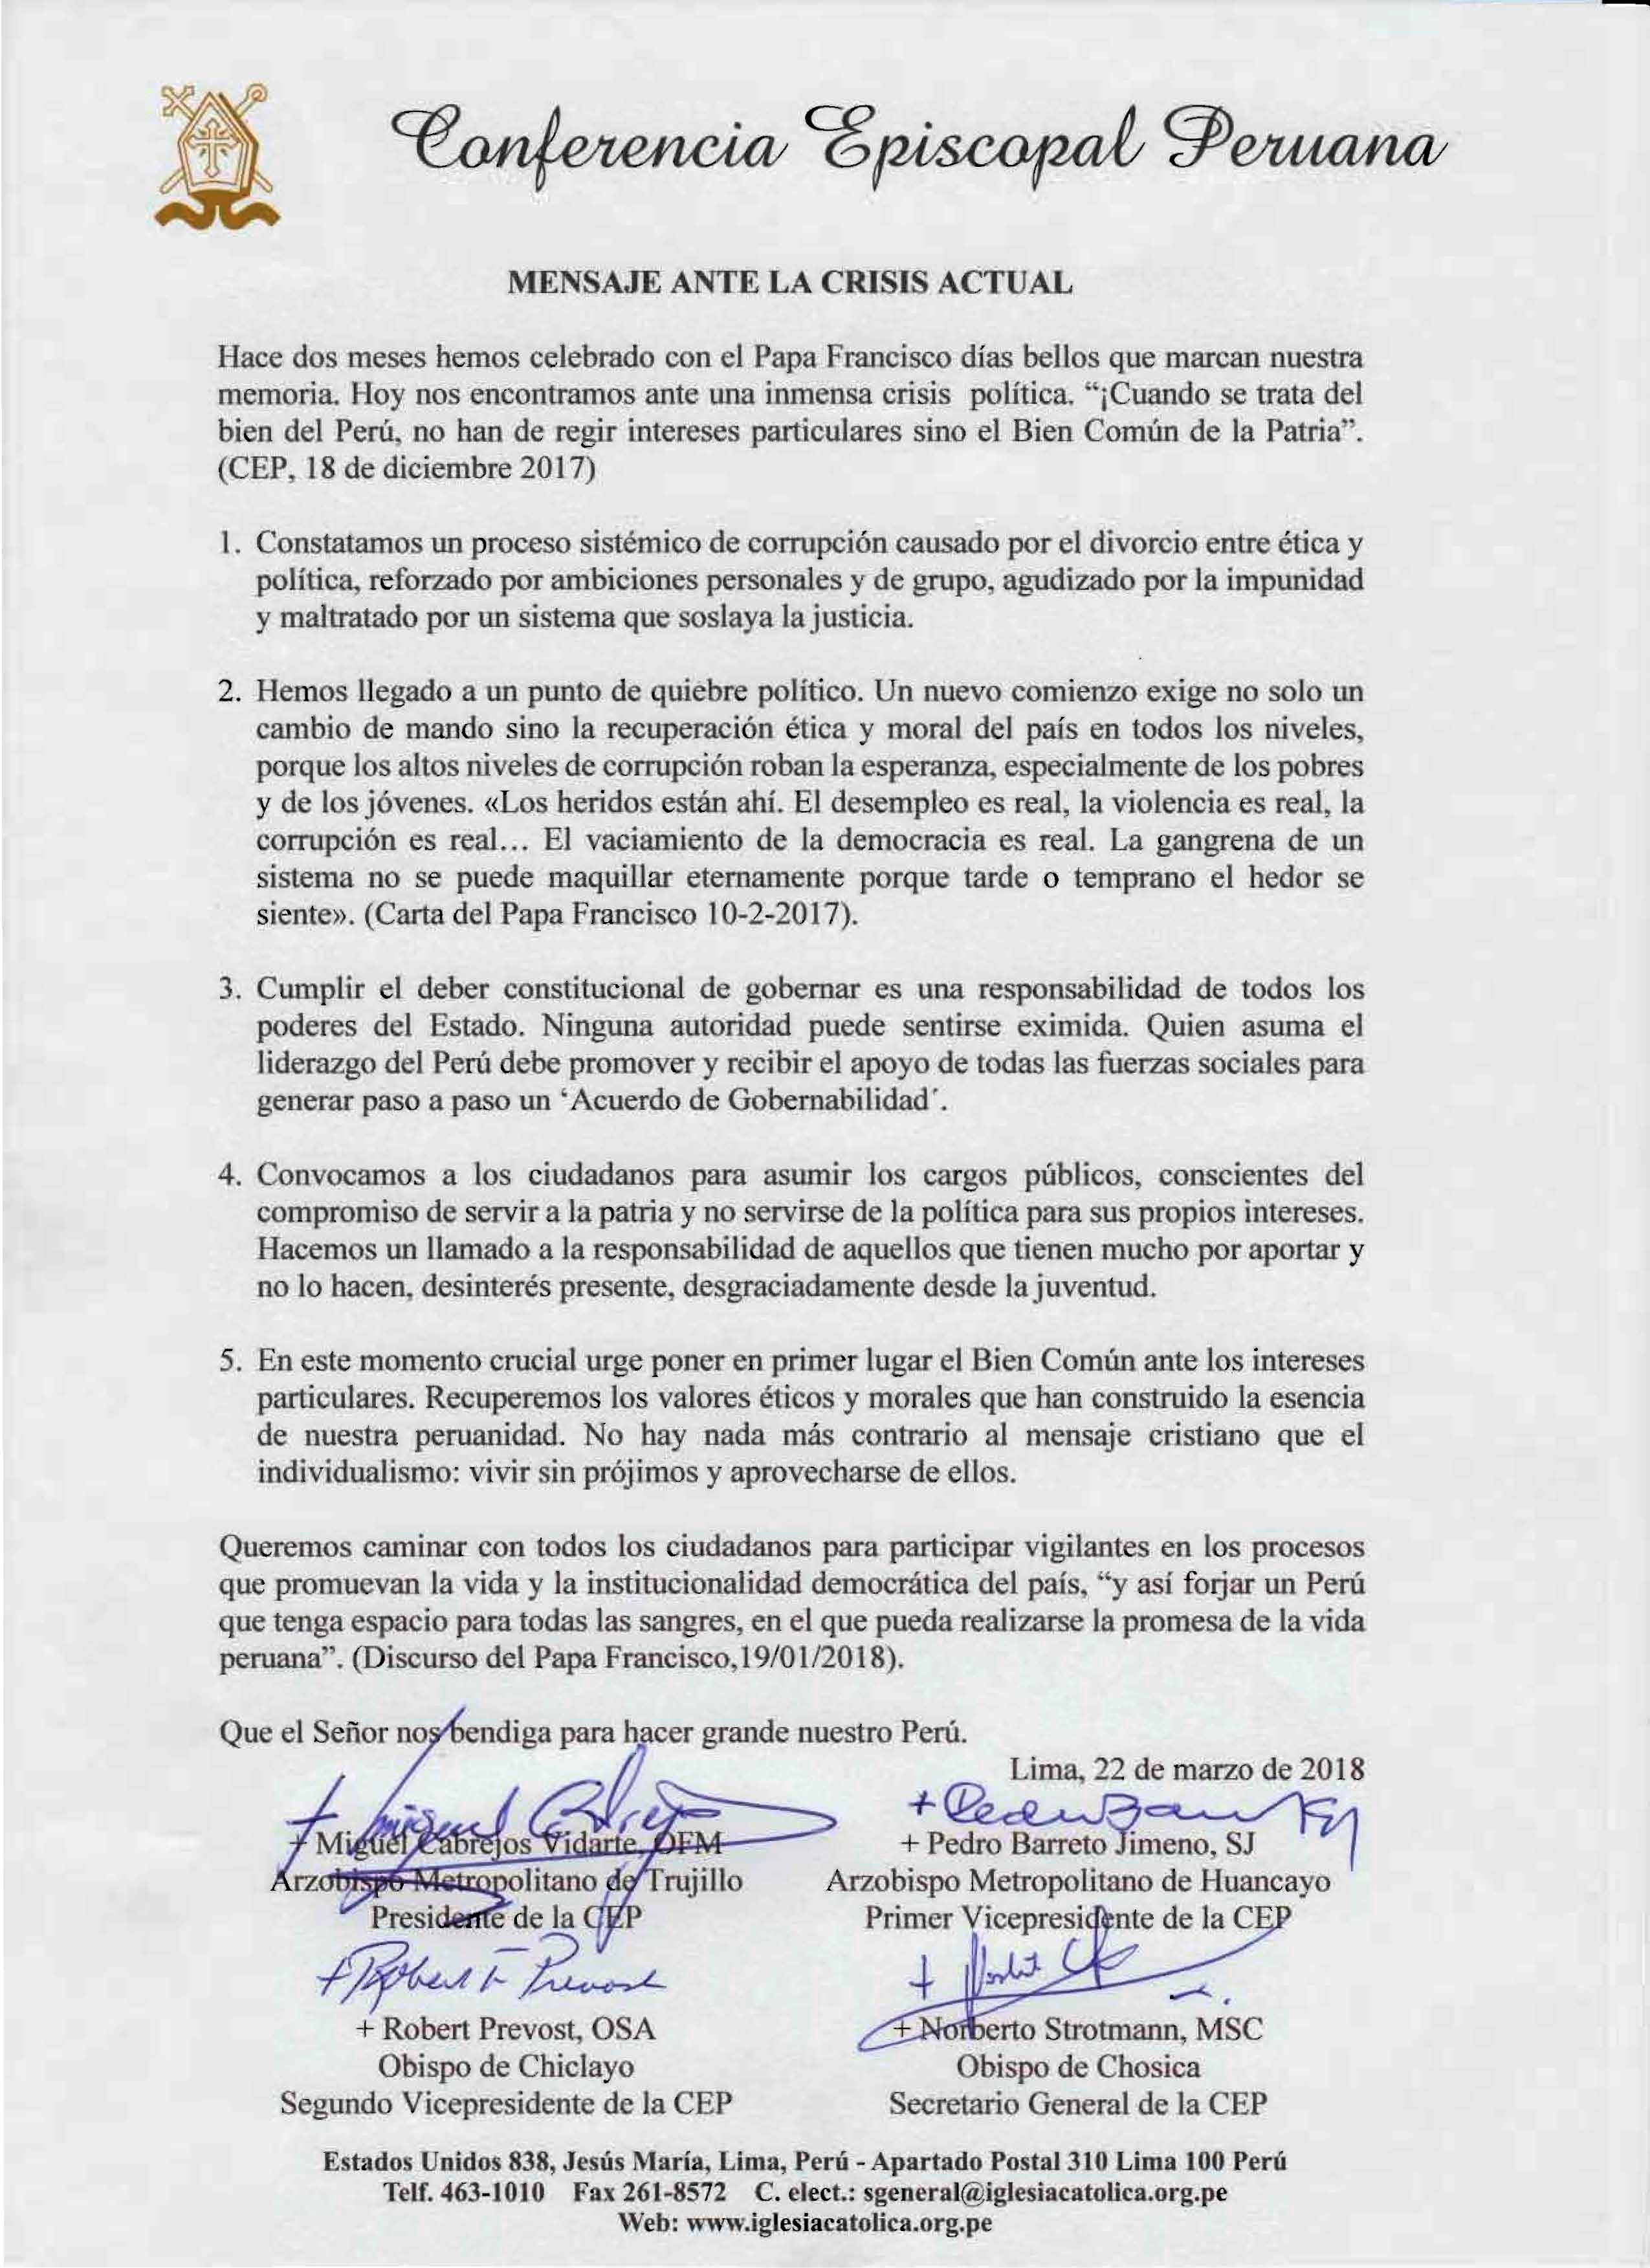 Mensaje de los Obispos del Perú, ante la crisis actual del país.